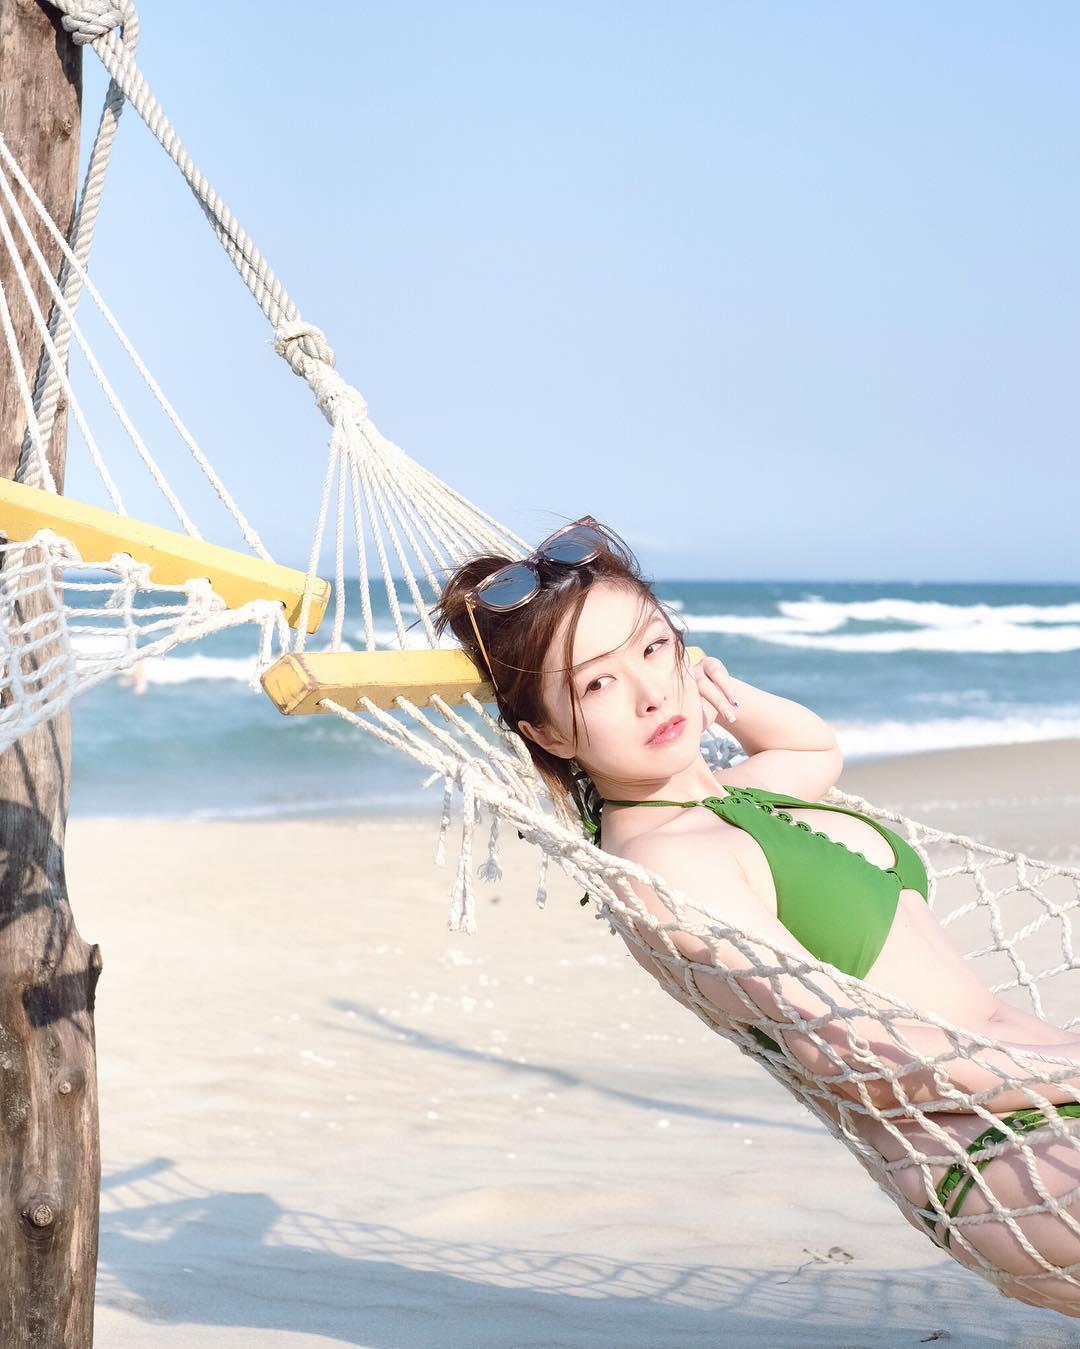 樂瞳為慶祝IG Followers衝破22萬,派福利貼水着照。 樂瞳IG照片